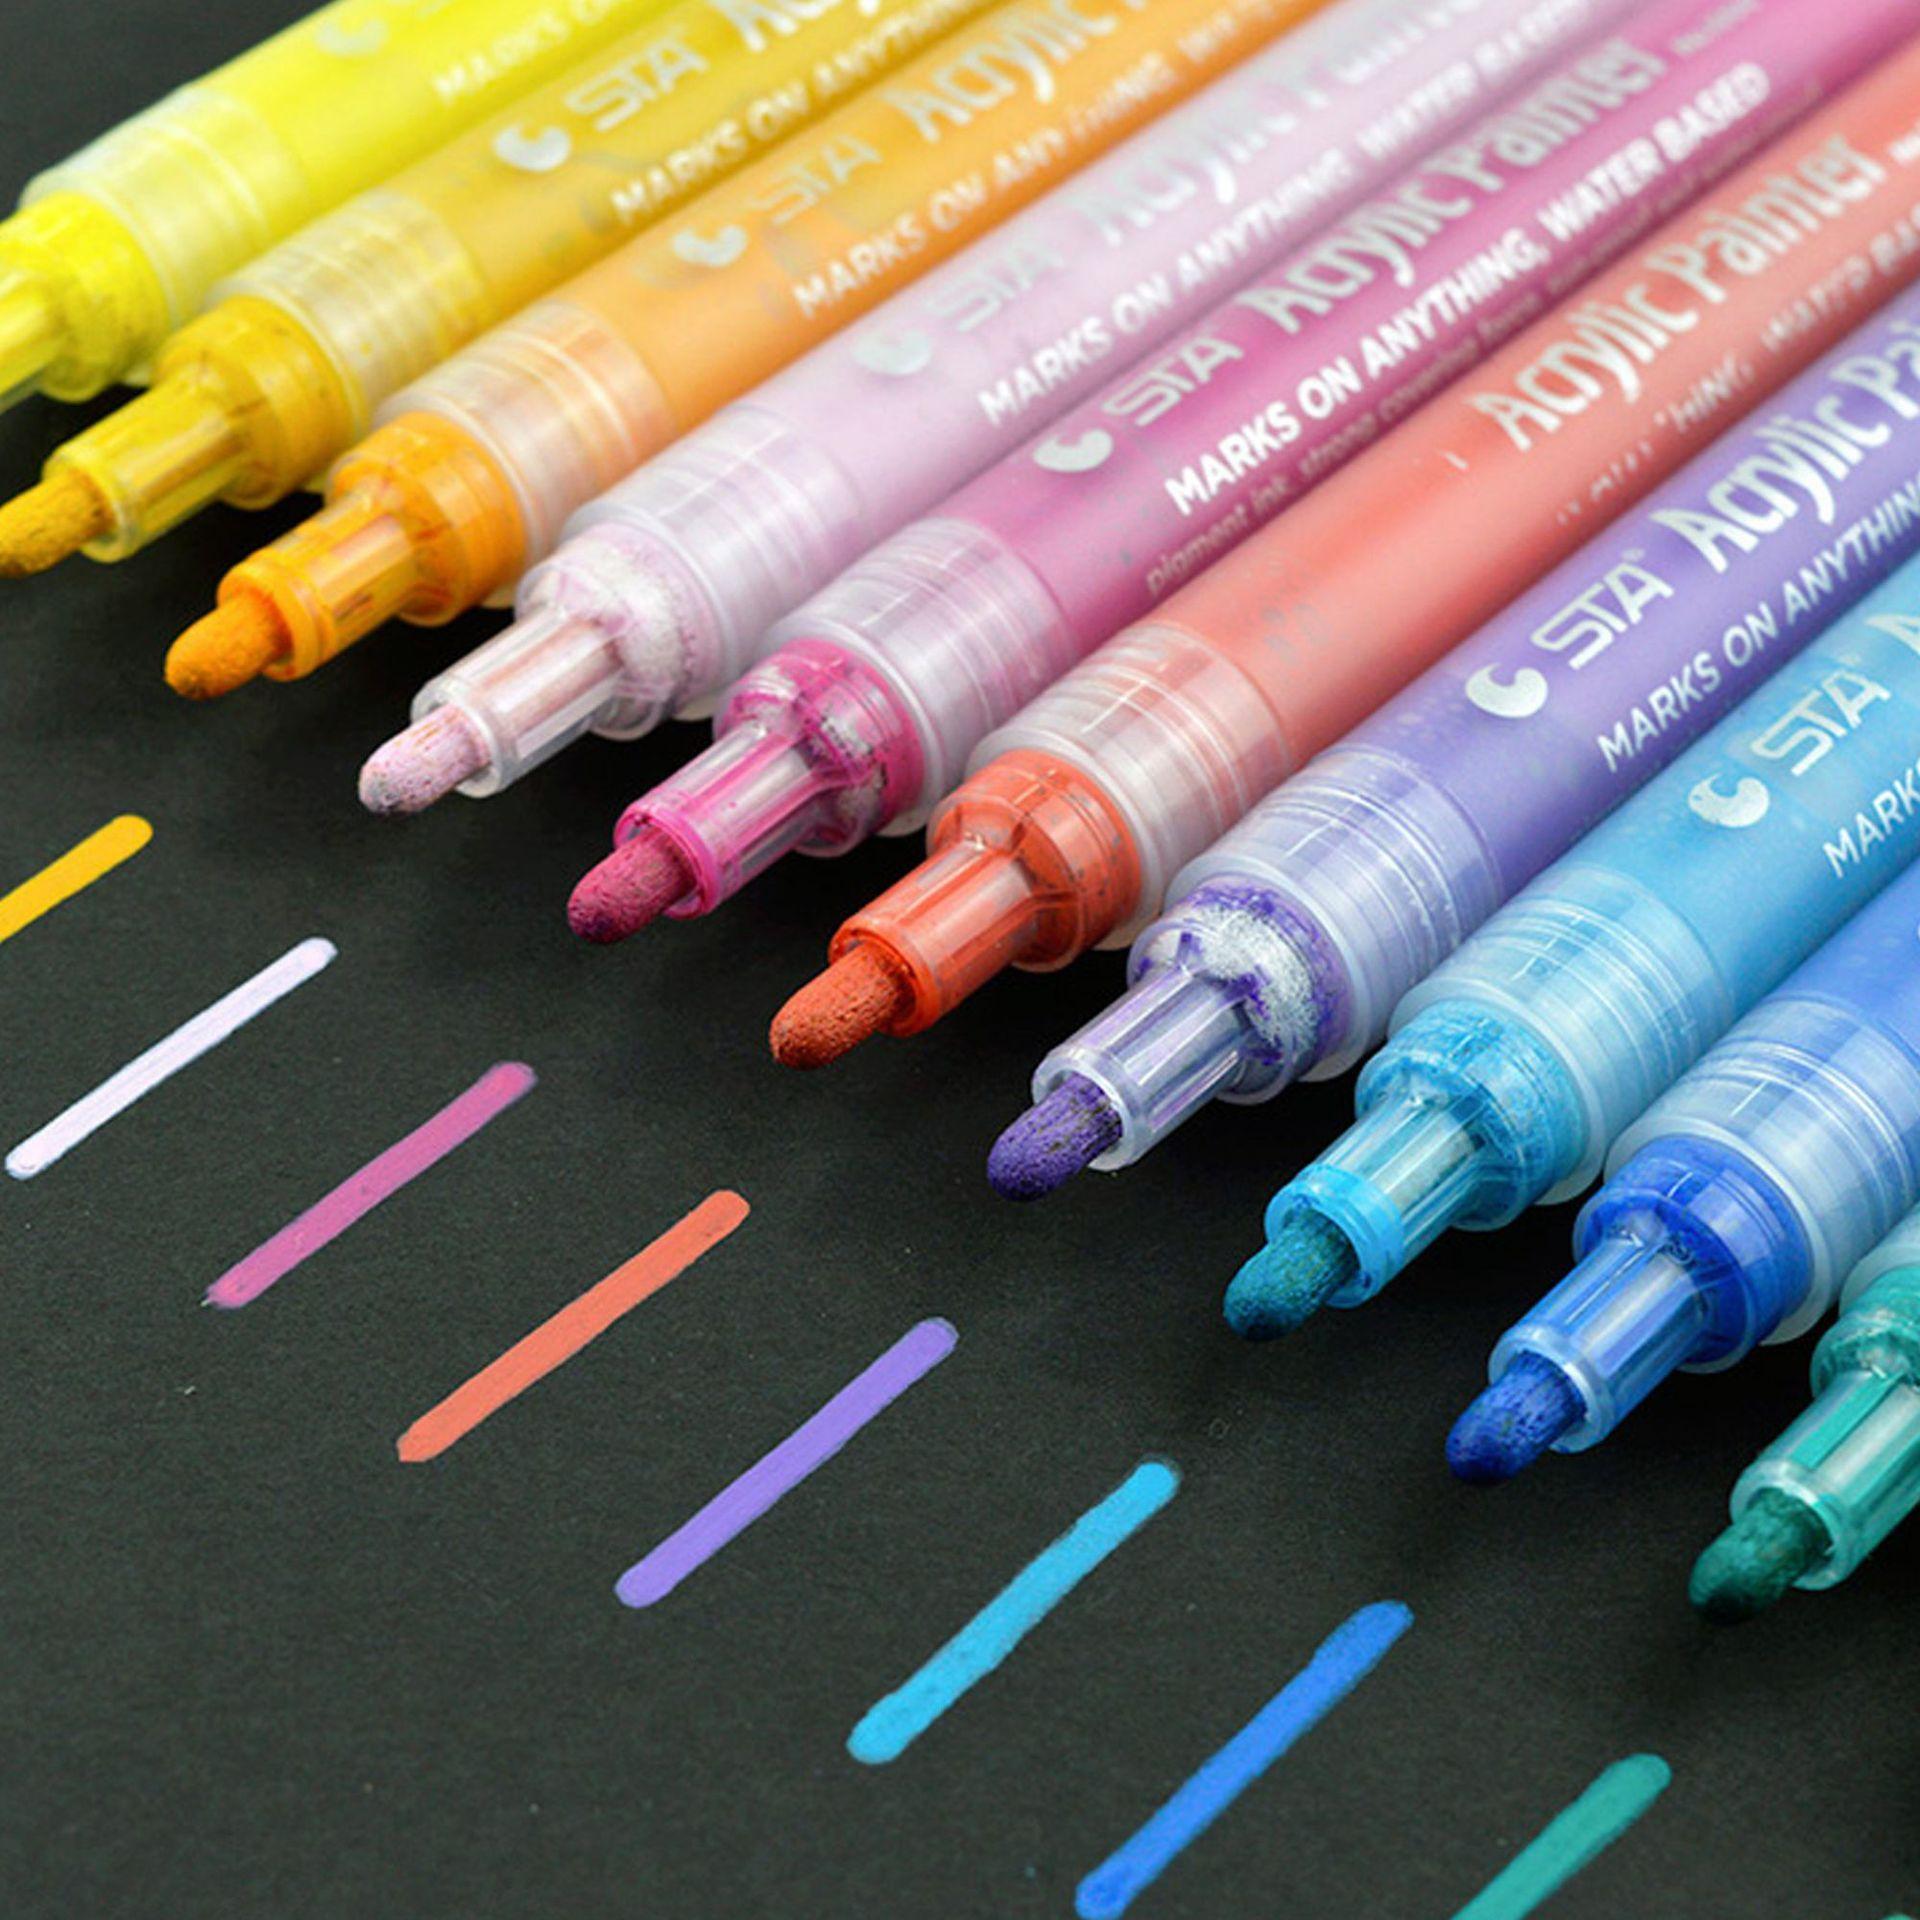 Acrylic Paint Marker Pens Permanent Paint Pen Art Markers